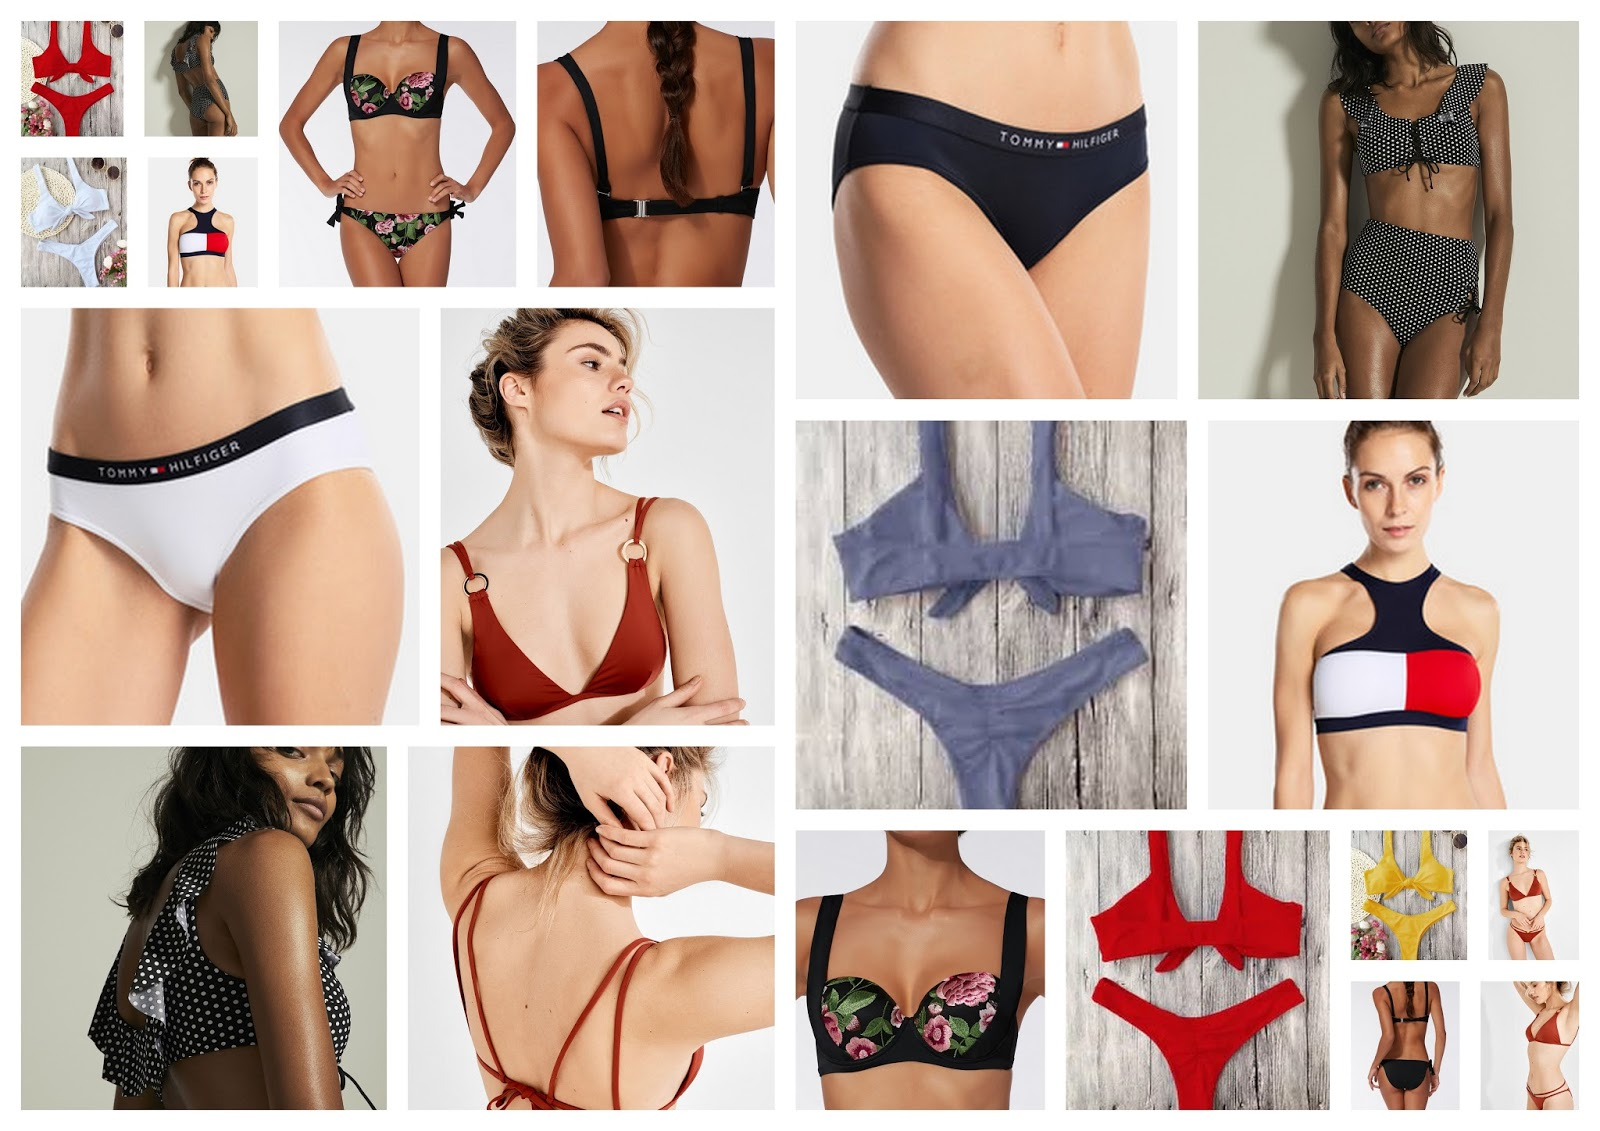 847a3512fdc ¿Qué es un verano sin bikini  Aquí les traigo mis 5 bikinis preferidos para  ese verano con sus enlaces.